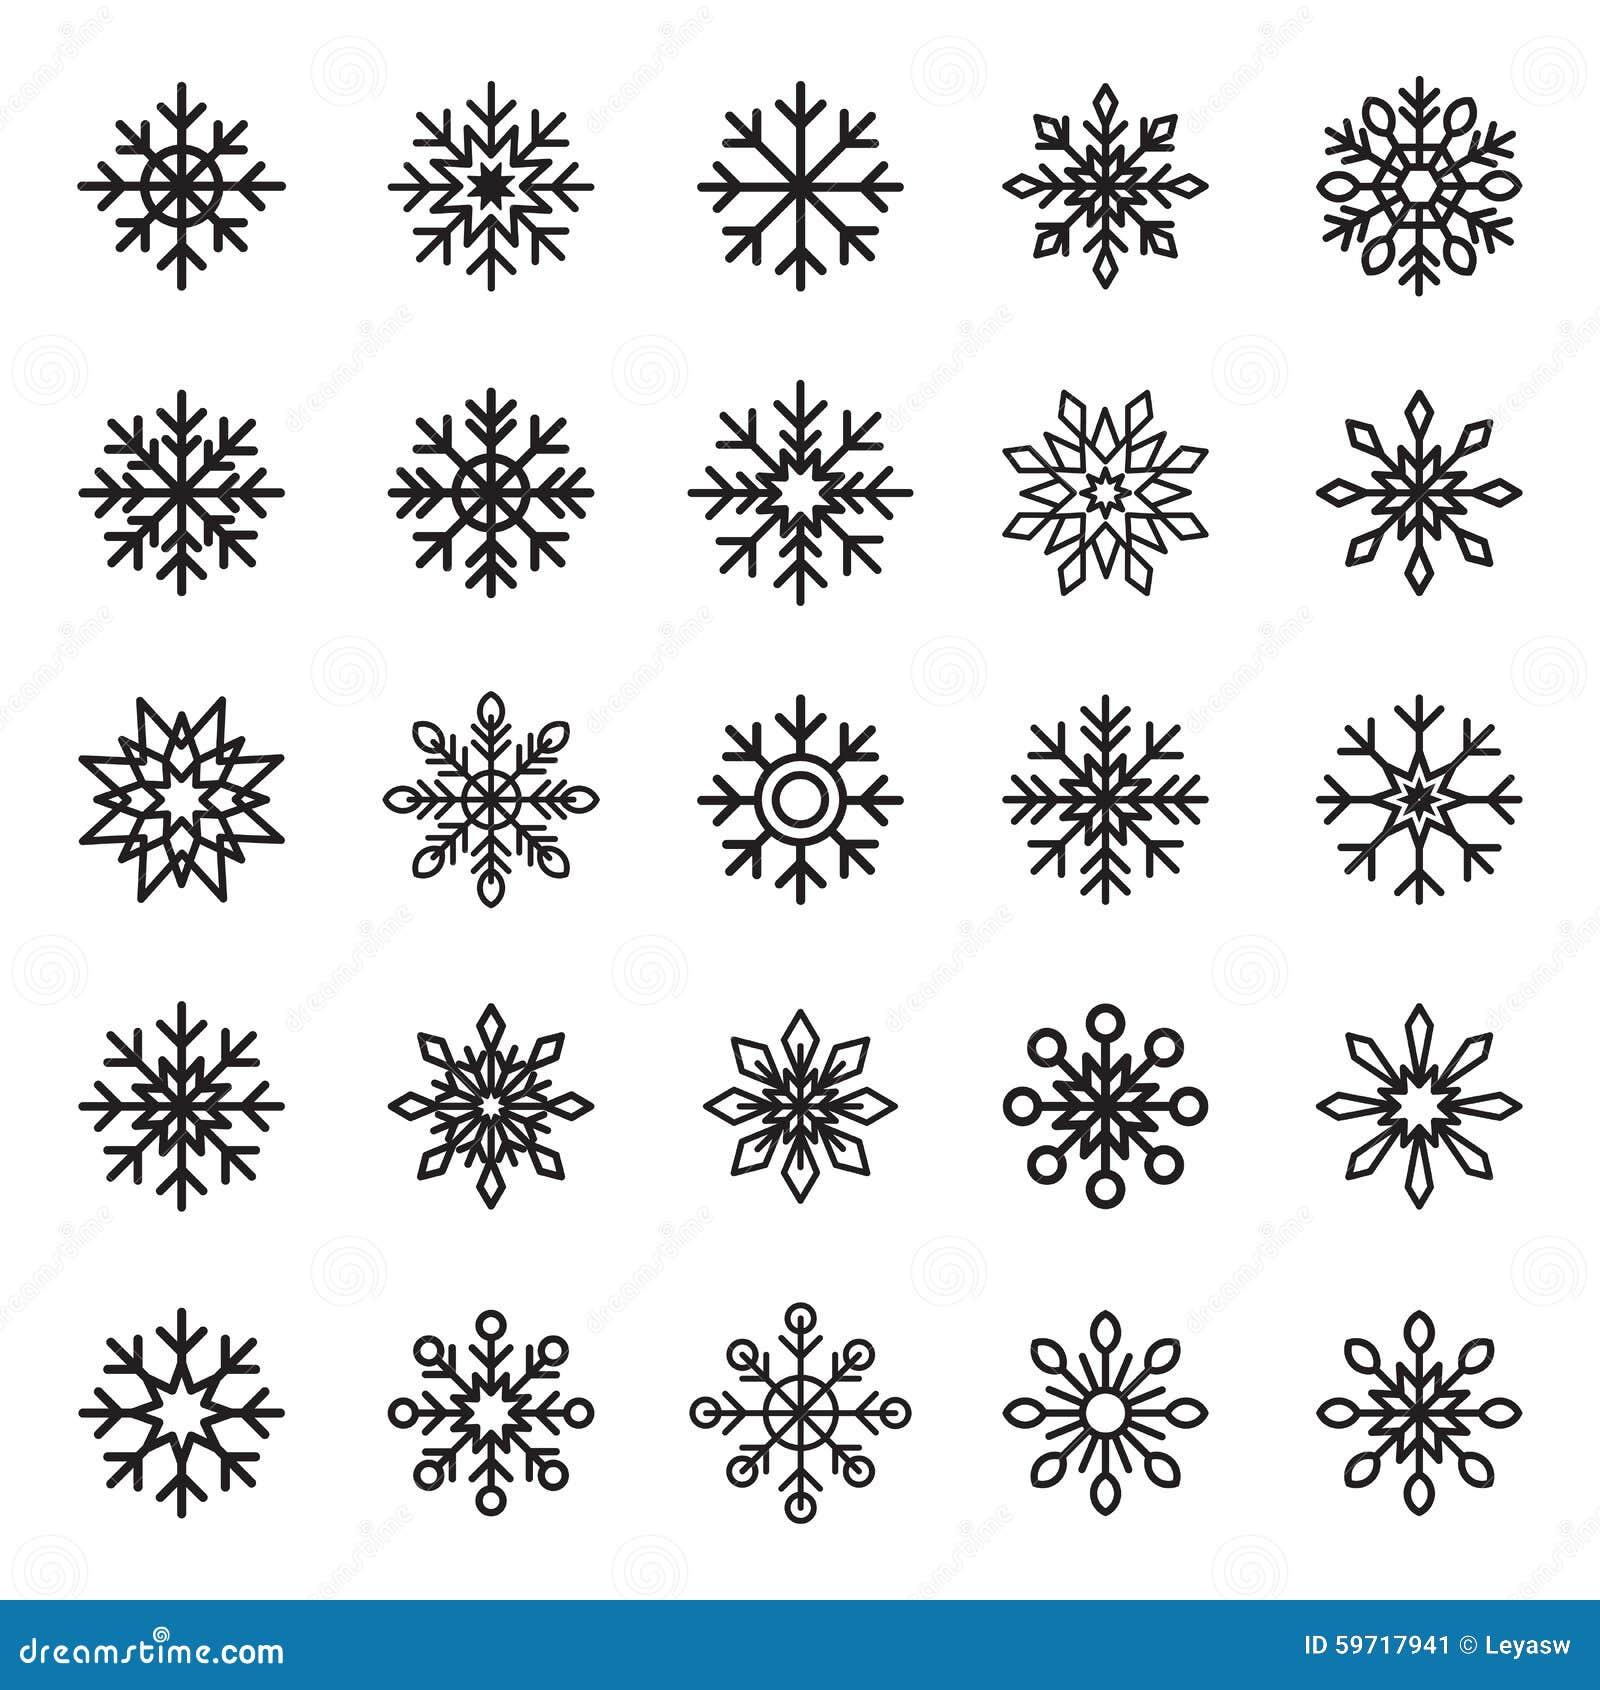 D coration congel e en cristal graphique de symbole de - Flocon de neige decoration ...